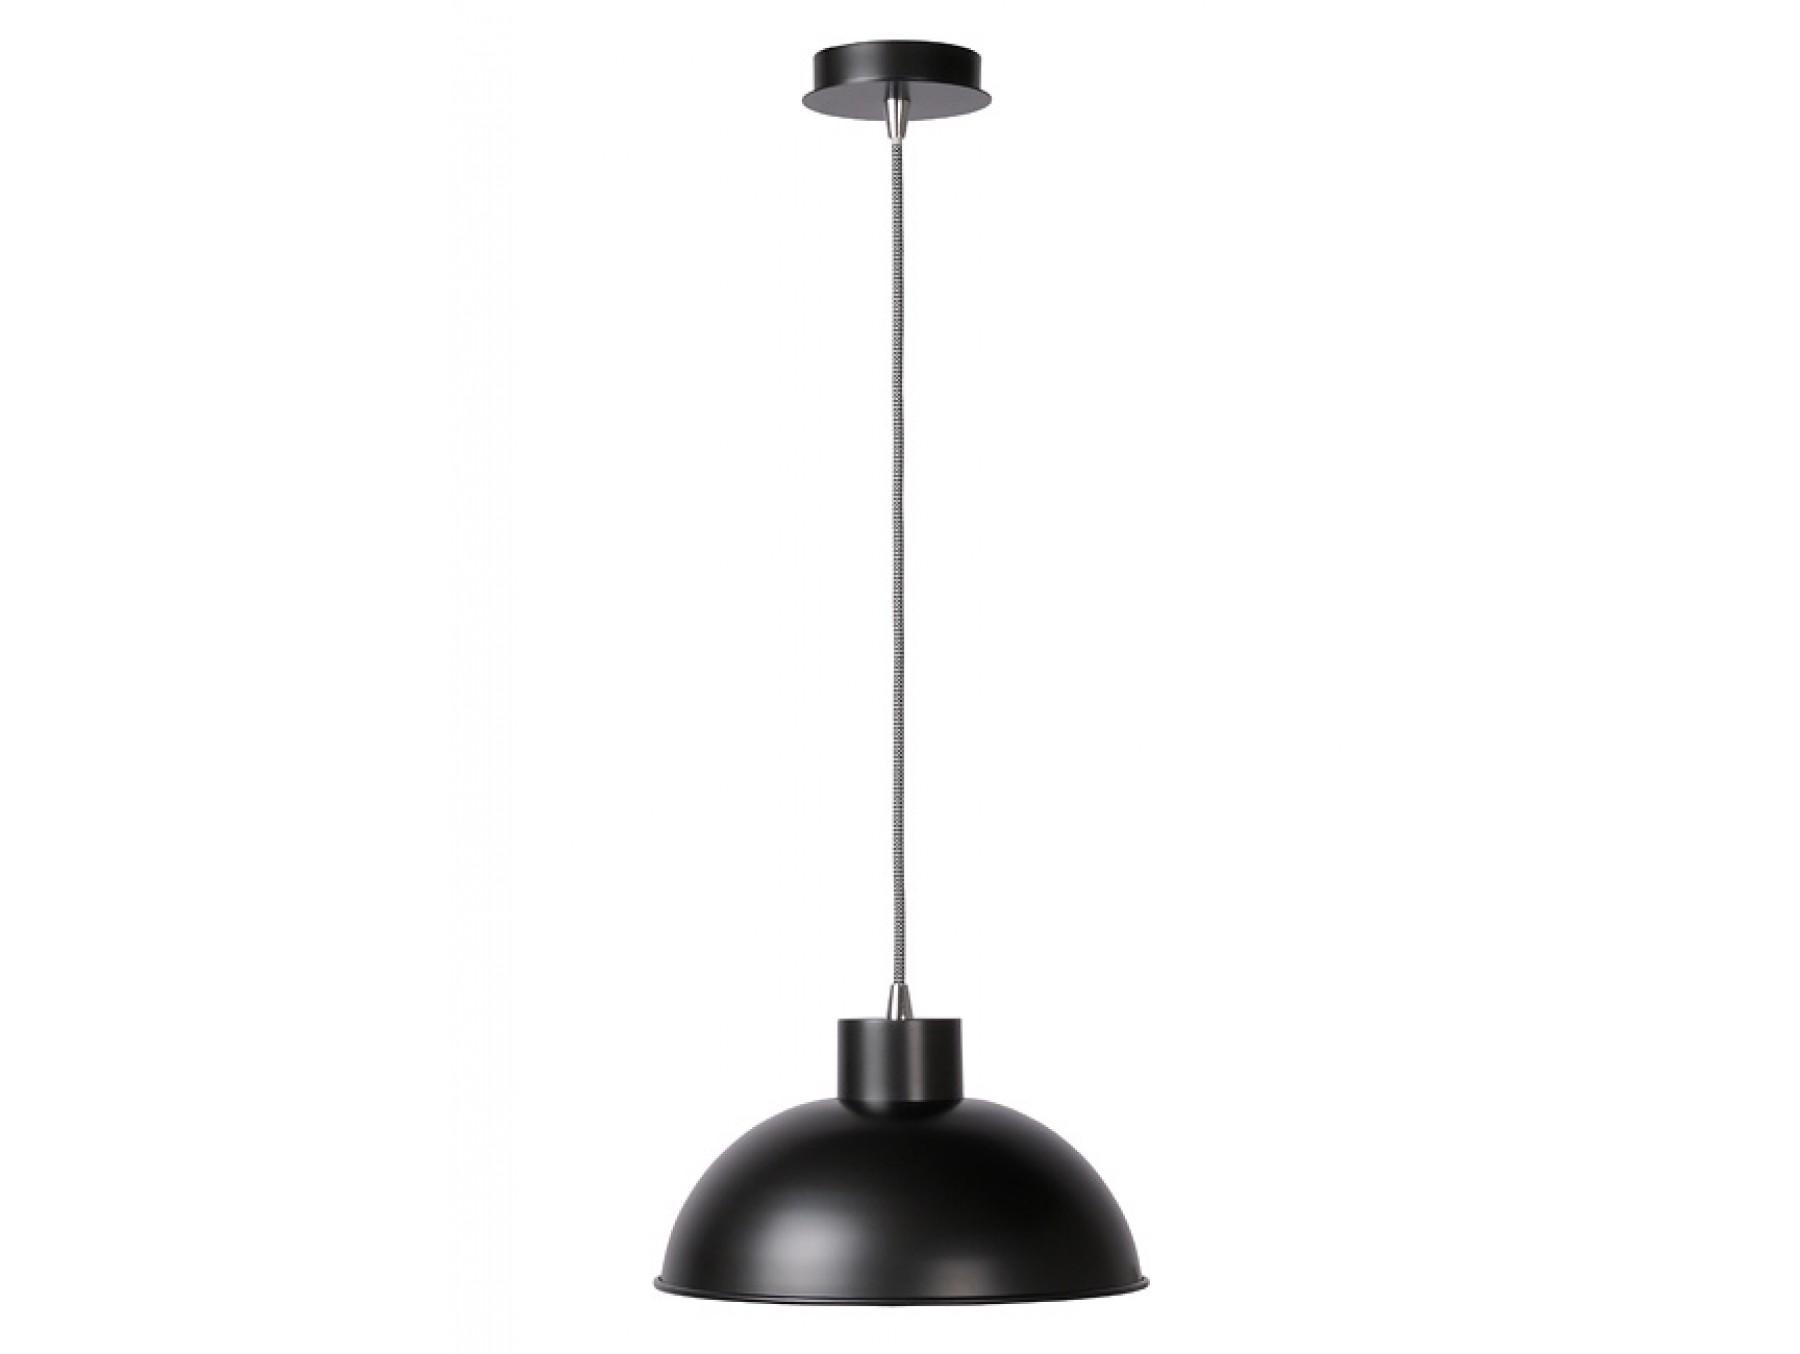 Подвесной светильник BORISПодвесные светильники<br>основание: металл<br>плафон: металл/темно серый<br>диаметр: 30 см<br>высота: 130 см<br>Е27, 60W, 1 лампочка (в комплект не входит)<br><br>Material: Металл<br>Height см: 130<br>Diameter см: 30